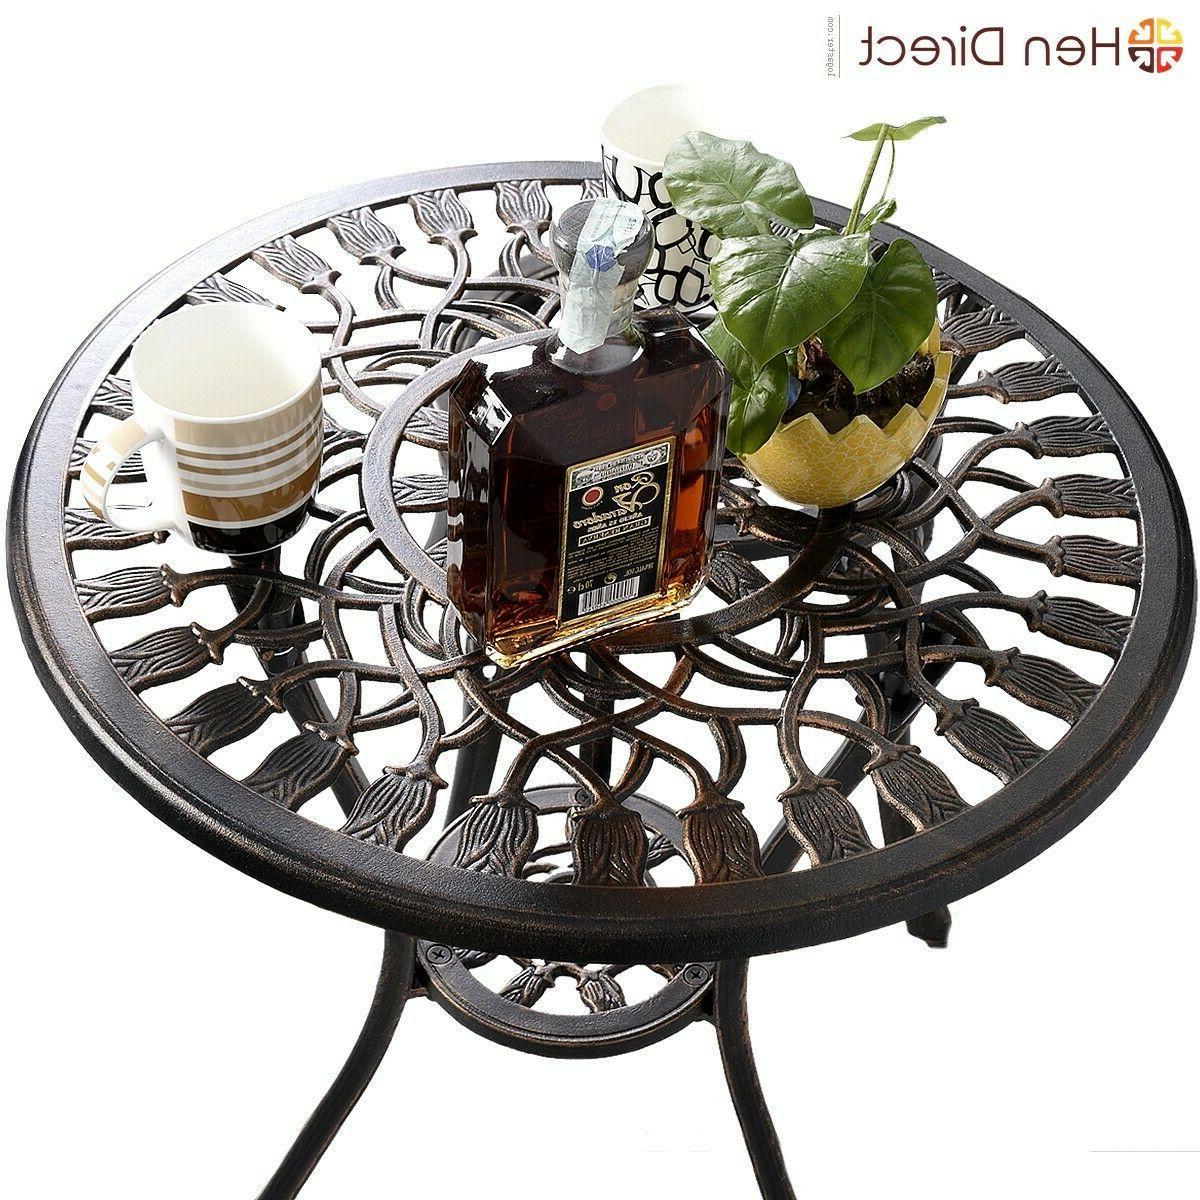 Outdoor Table Chairs Set Durable Garden Patio Decor Hole